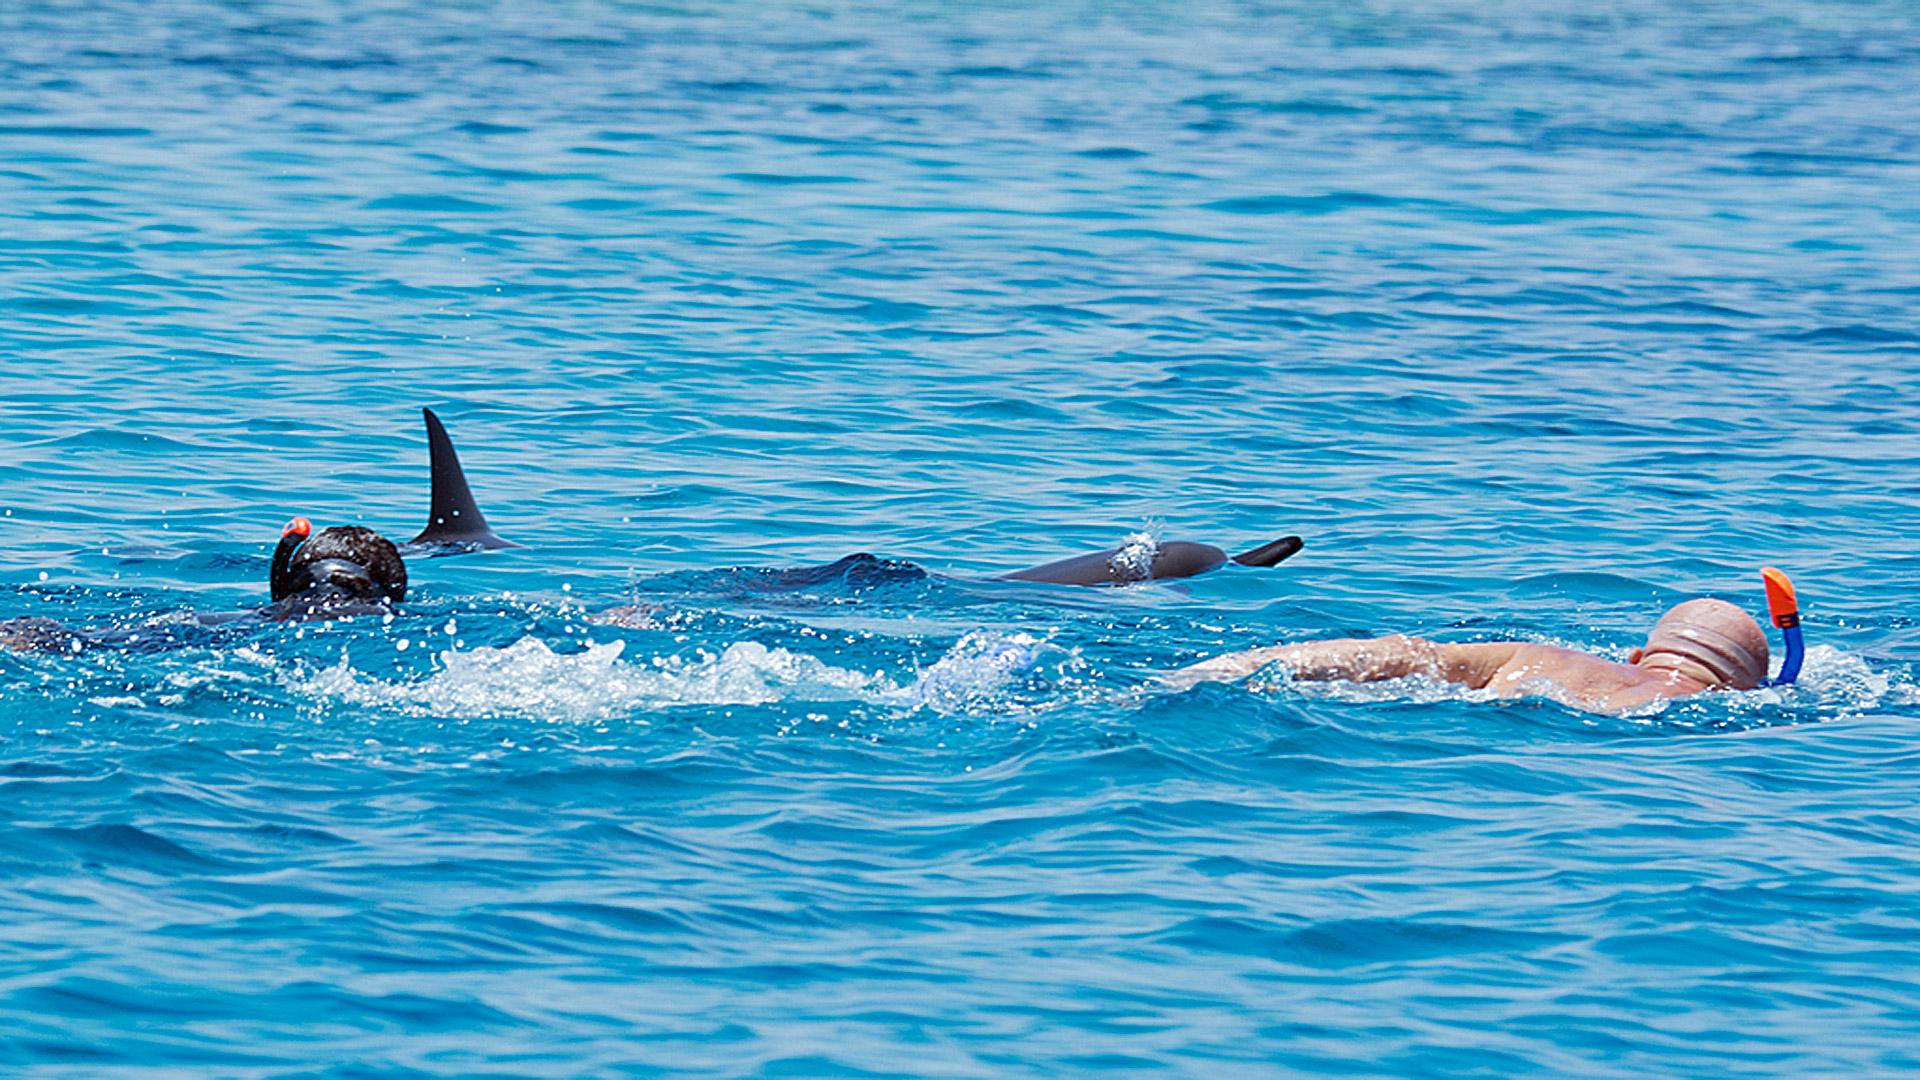 Schwimmer bedrängen zwei ruhende Spinnerdelfine.